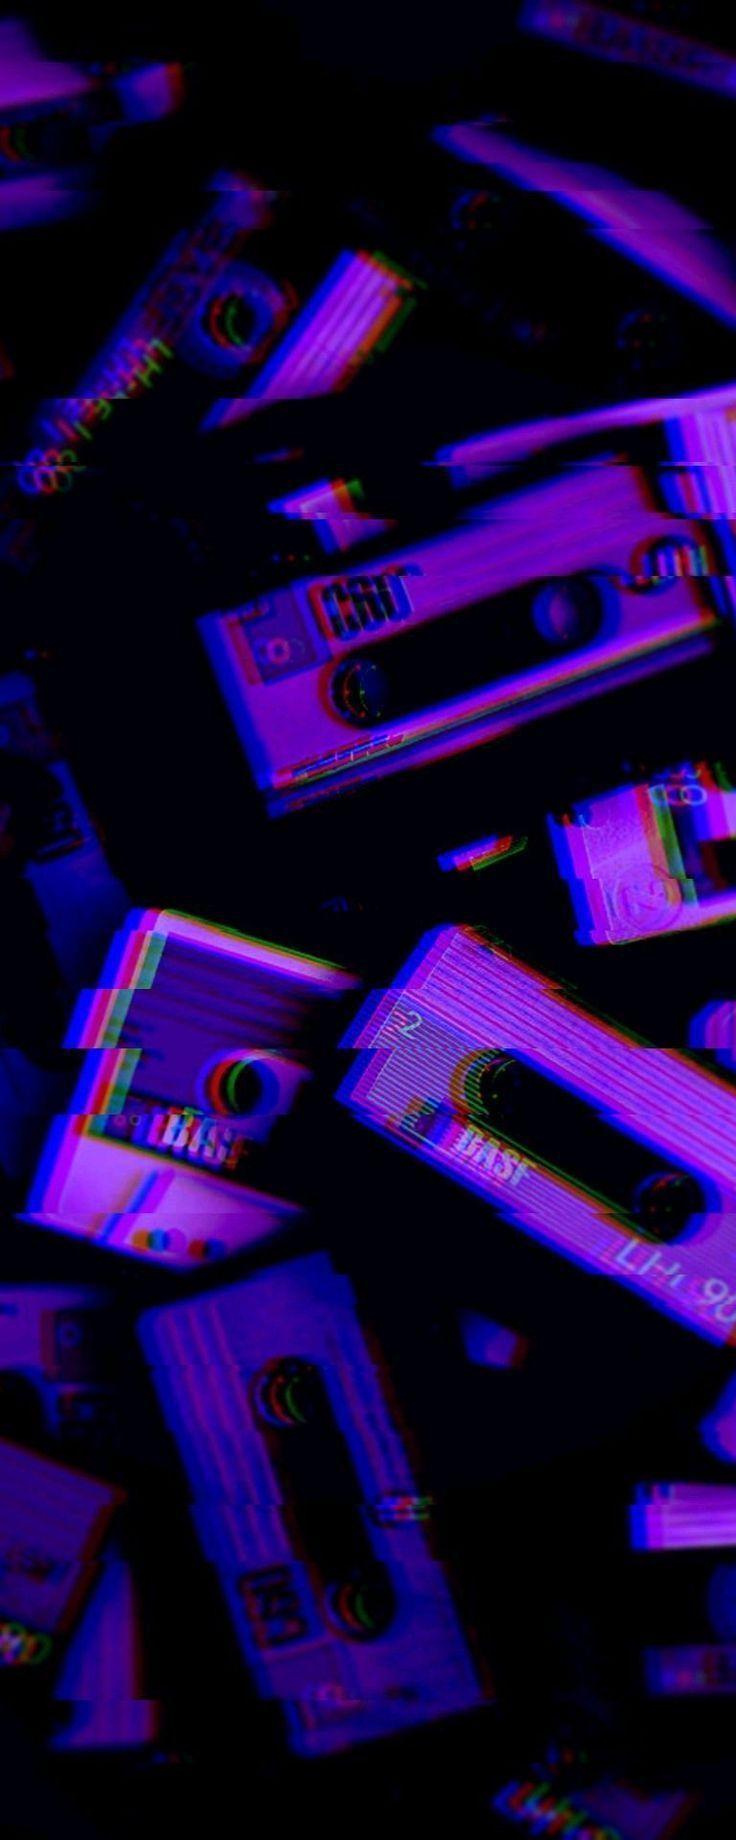 La Mejor Imagen Sobre Wallpaper Backgrounds Music Para Tu Gusto Estas Buscando Algo Y No H In 2020 Lock Screen Wallpaper Iphone Locked Wallpaper Lock Screen Wallpaper